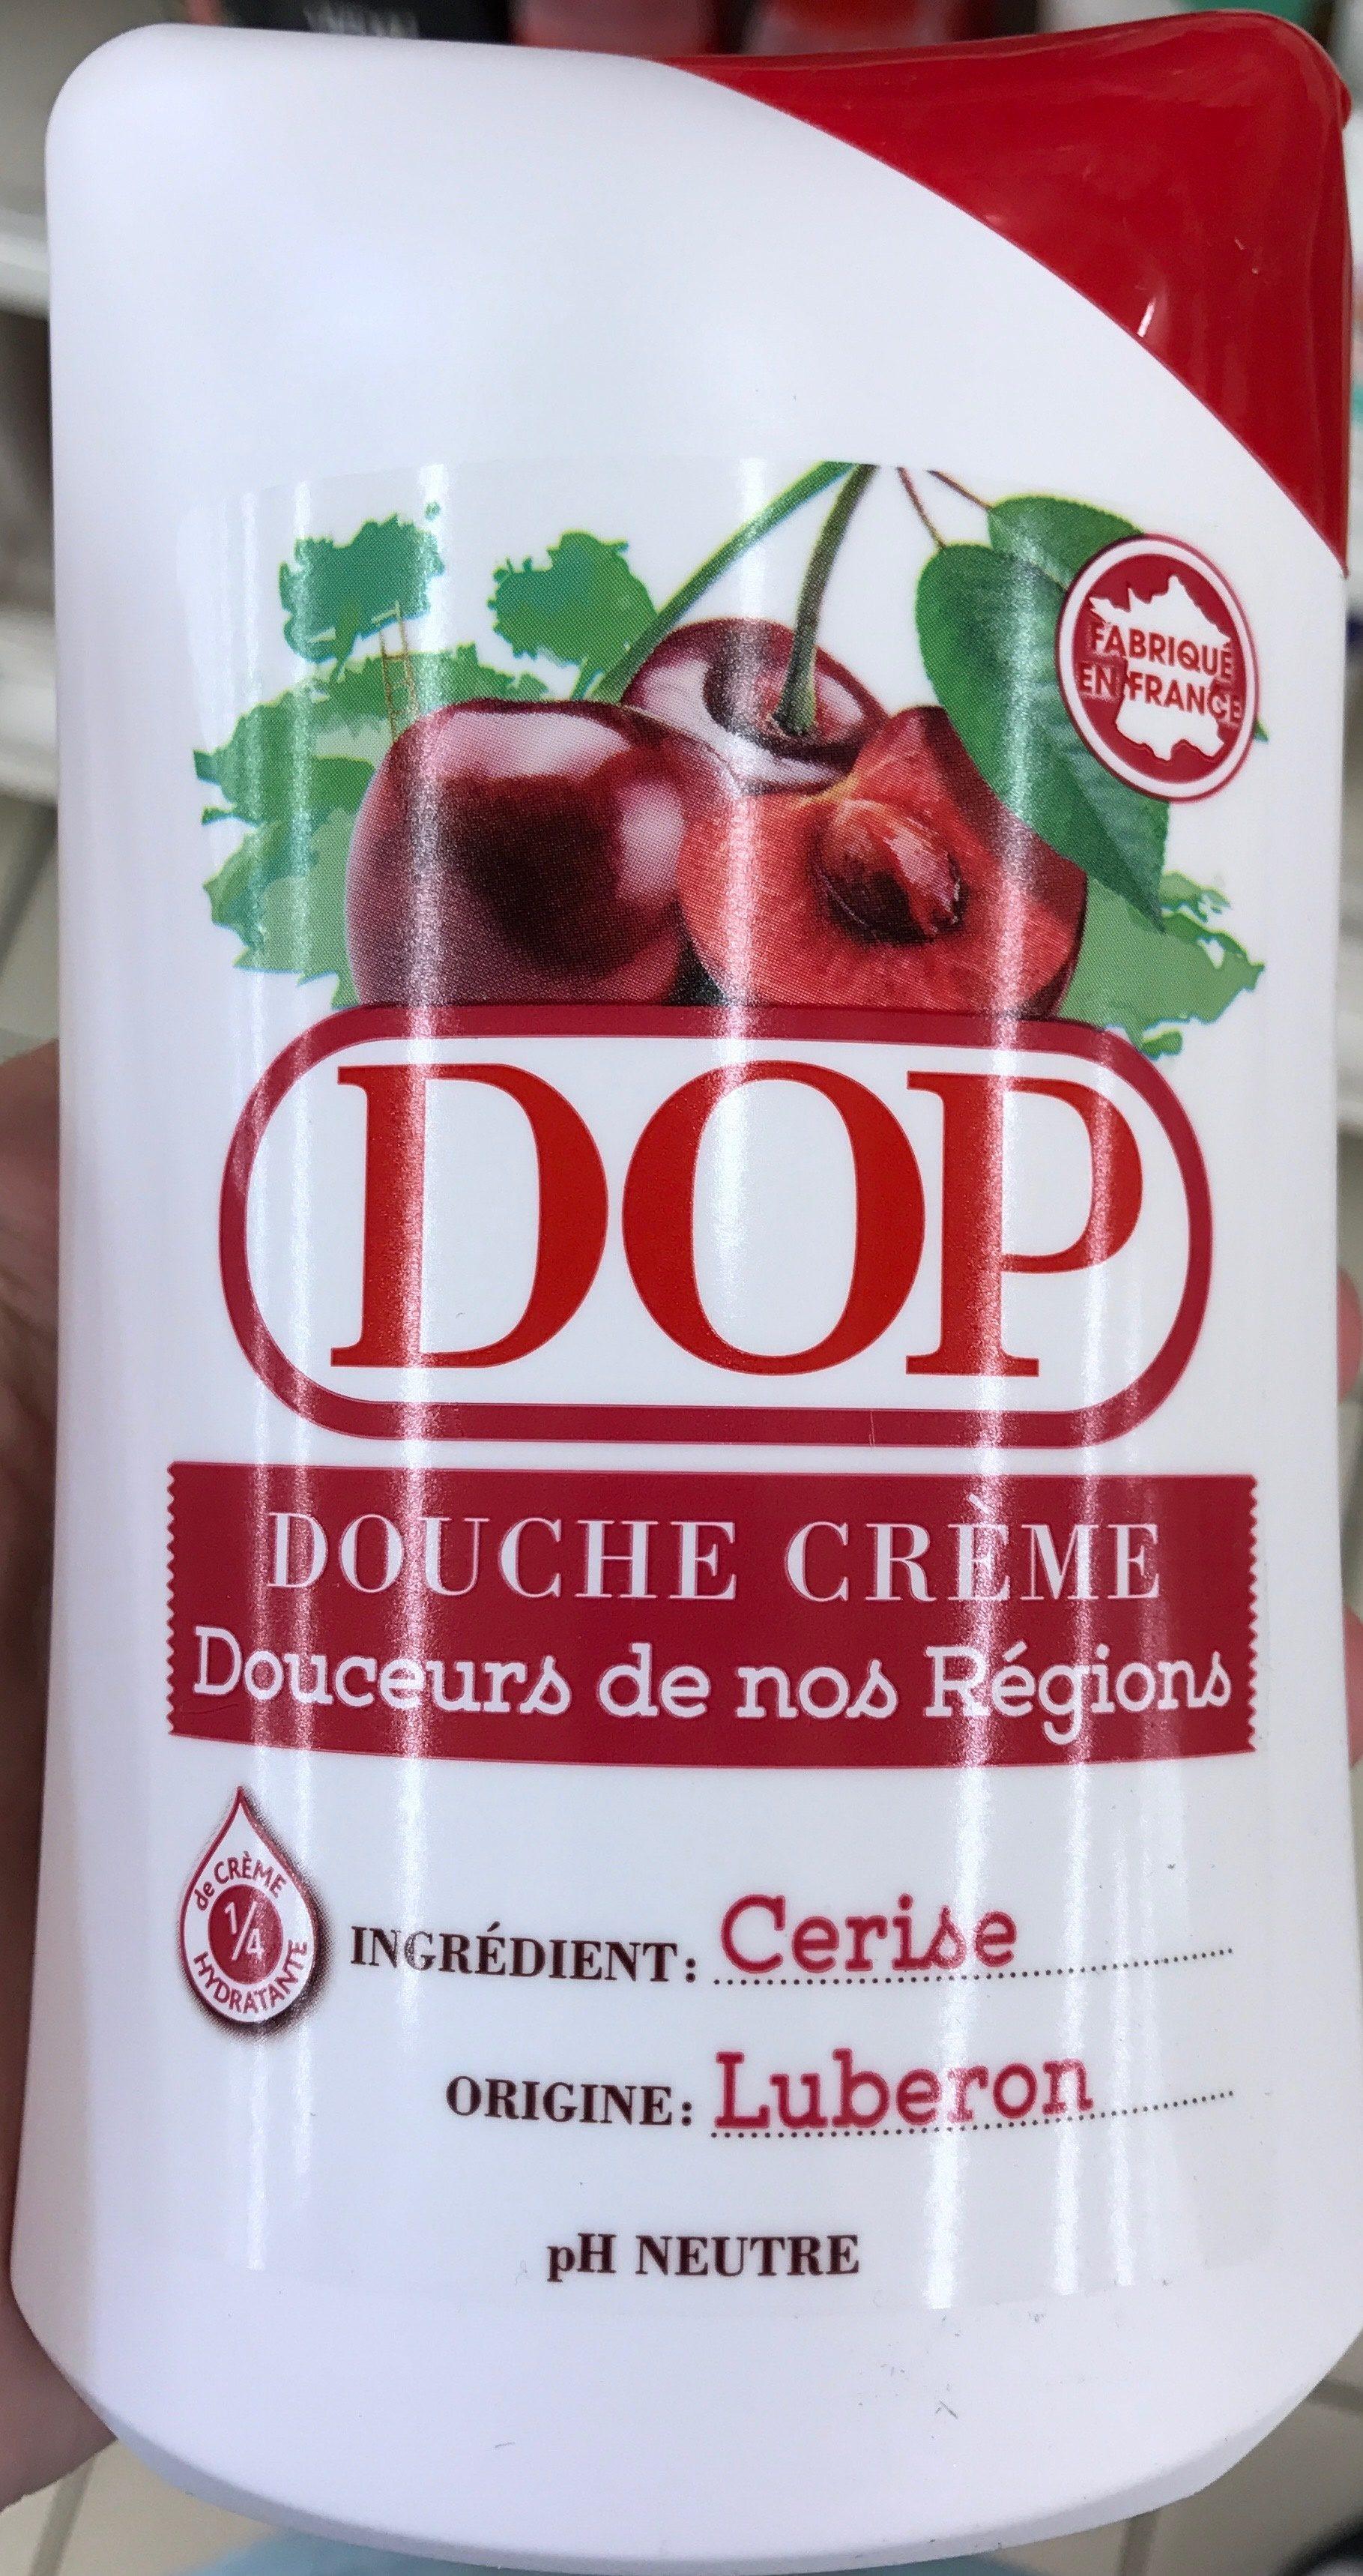 Douche crème Douceurs de nos Régions Cerise Luberon - Produit